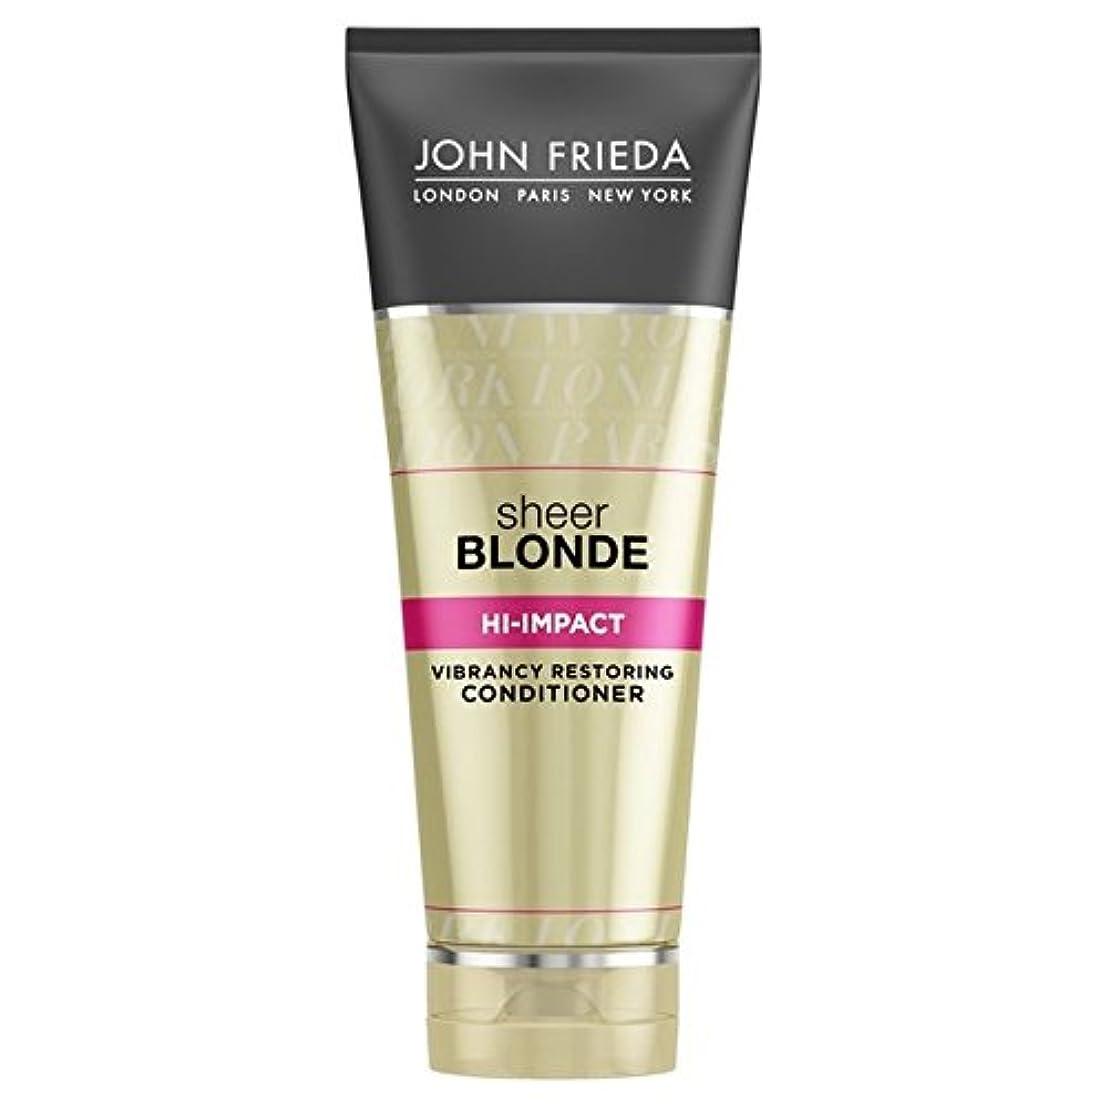 素晴らしさ潜むファランクスジョン?フリーダ膨大なブロンドハイインパクトコンディショナー250 x2 - John Frieda Sheer Blonde Hi Impact Conditioner 250ml (Pack of 2) [並行輸入品]